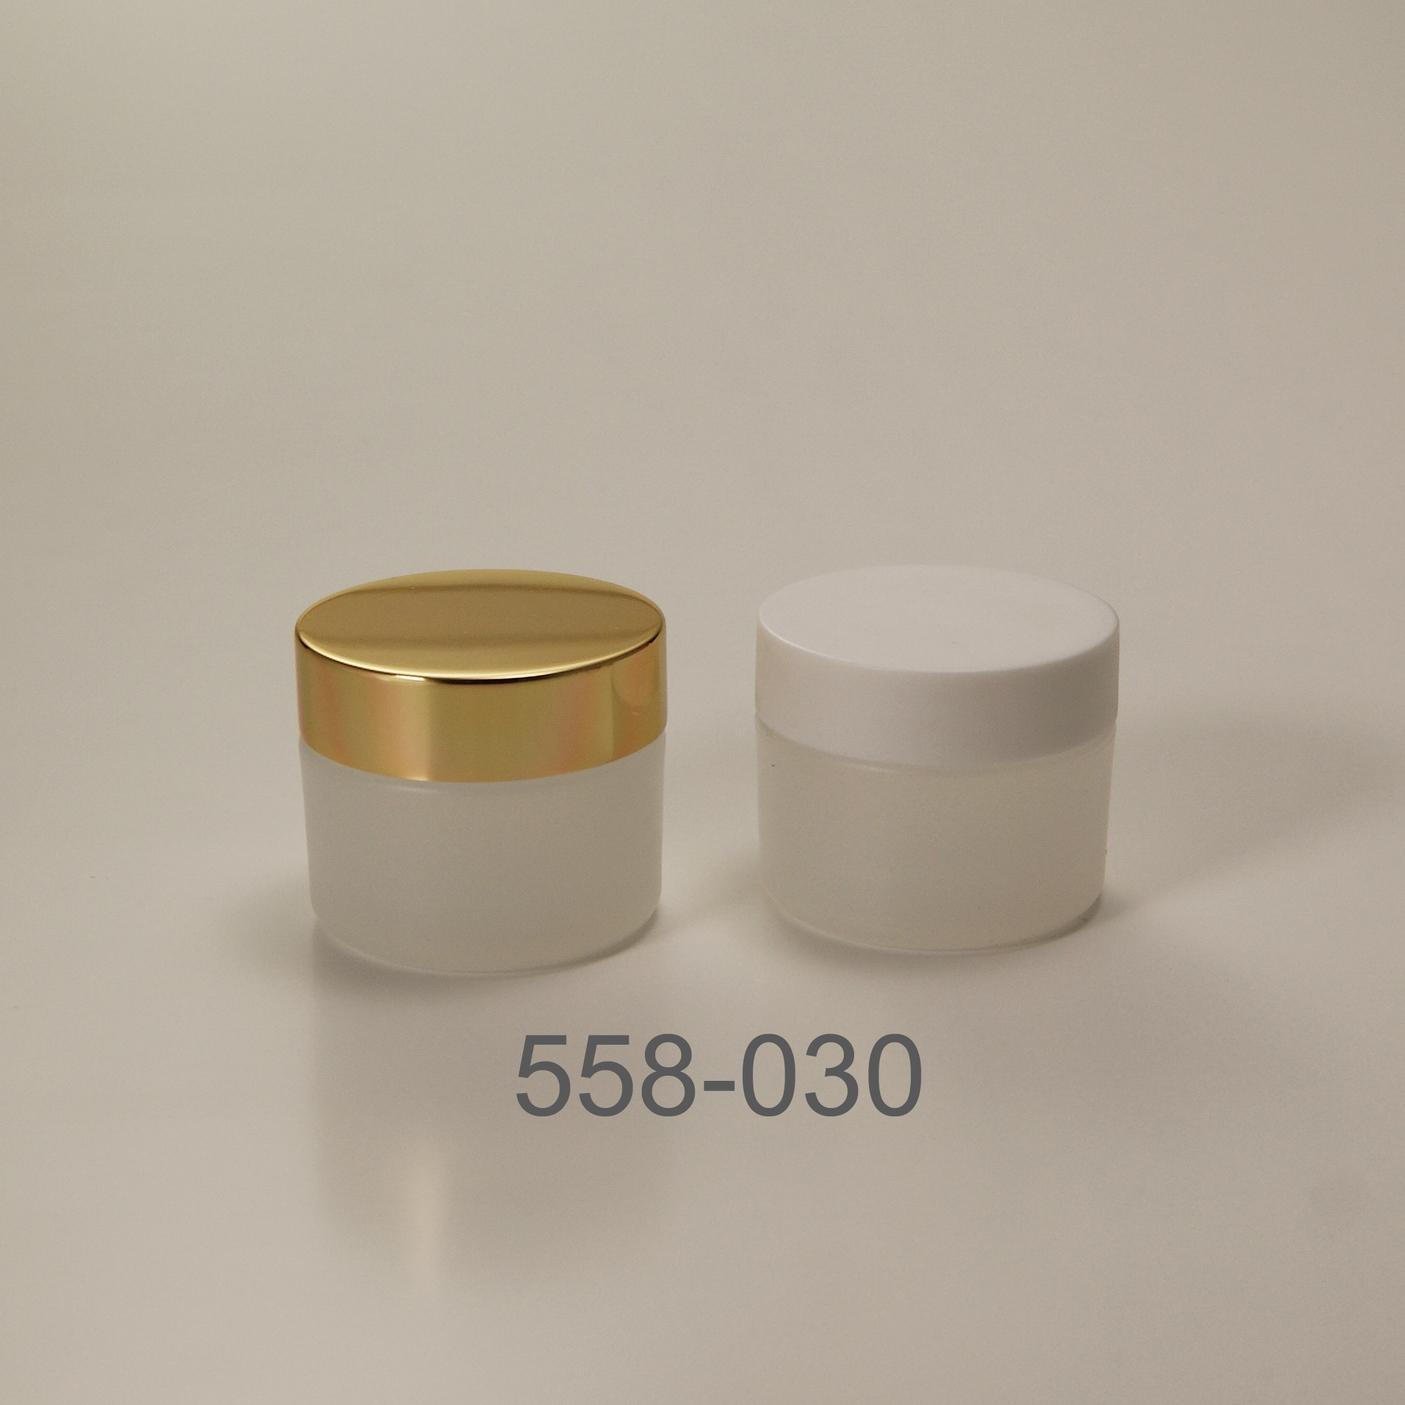 558-030.jpg